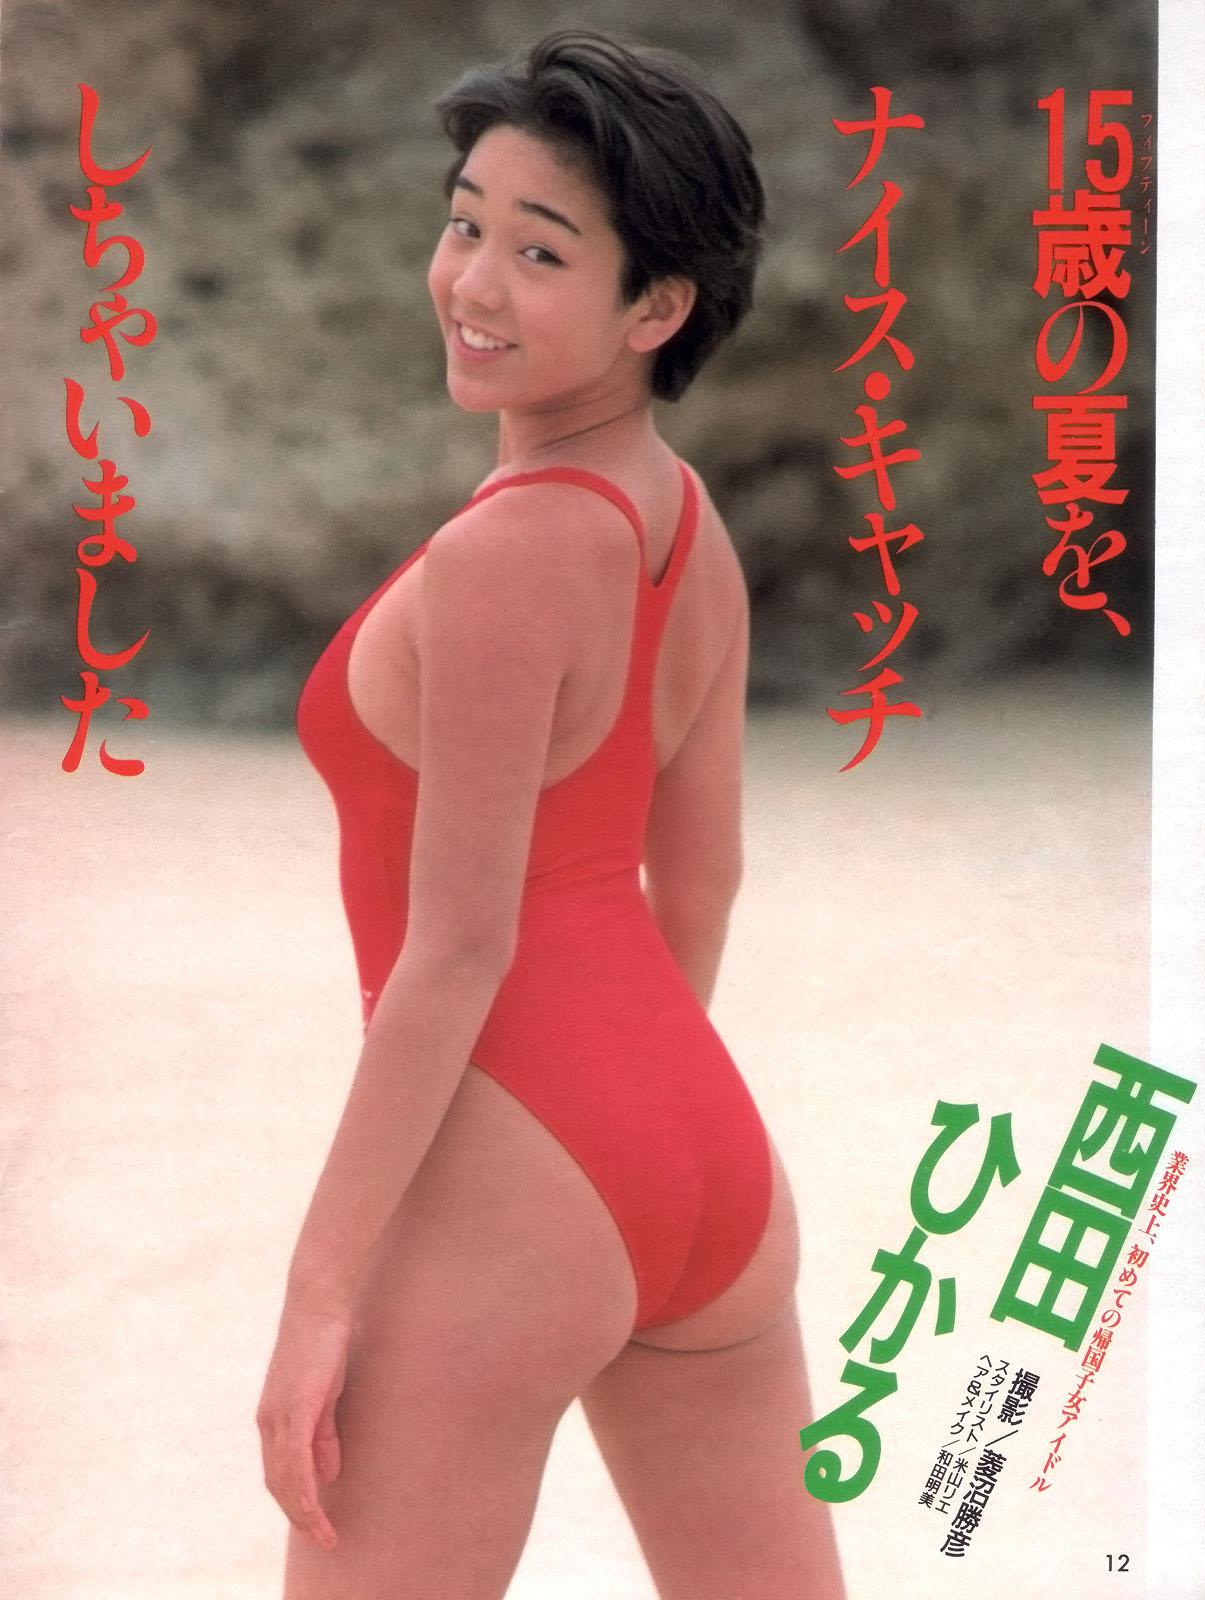 西田ひかる セクシー ハイレグ 水着 横乳 ムチムチ 太もも 80年代 笑顔 エロかわいい画像45